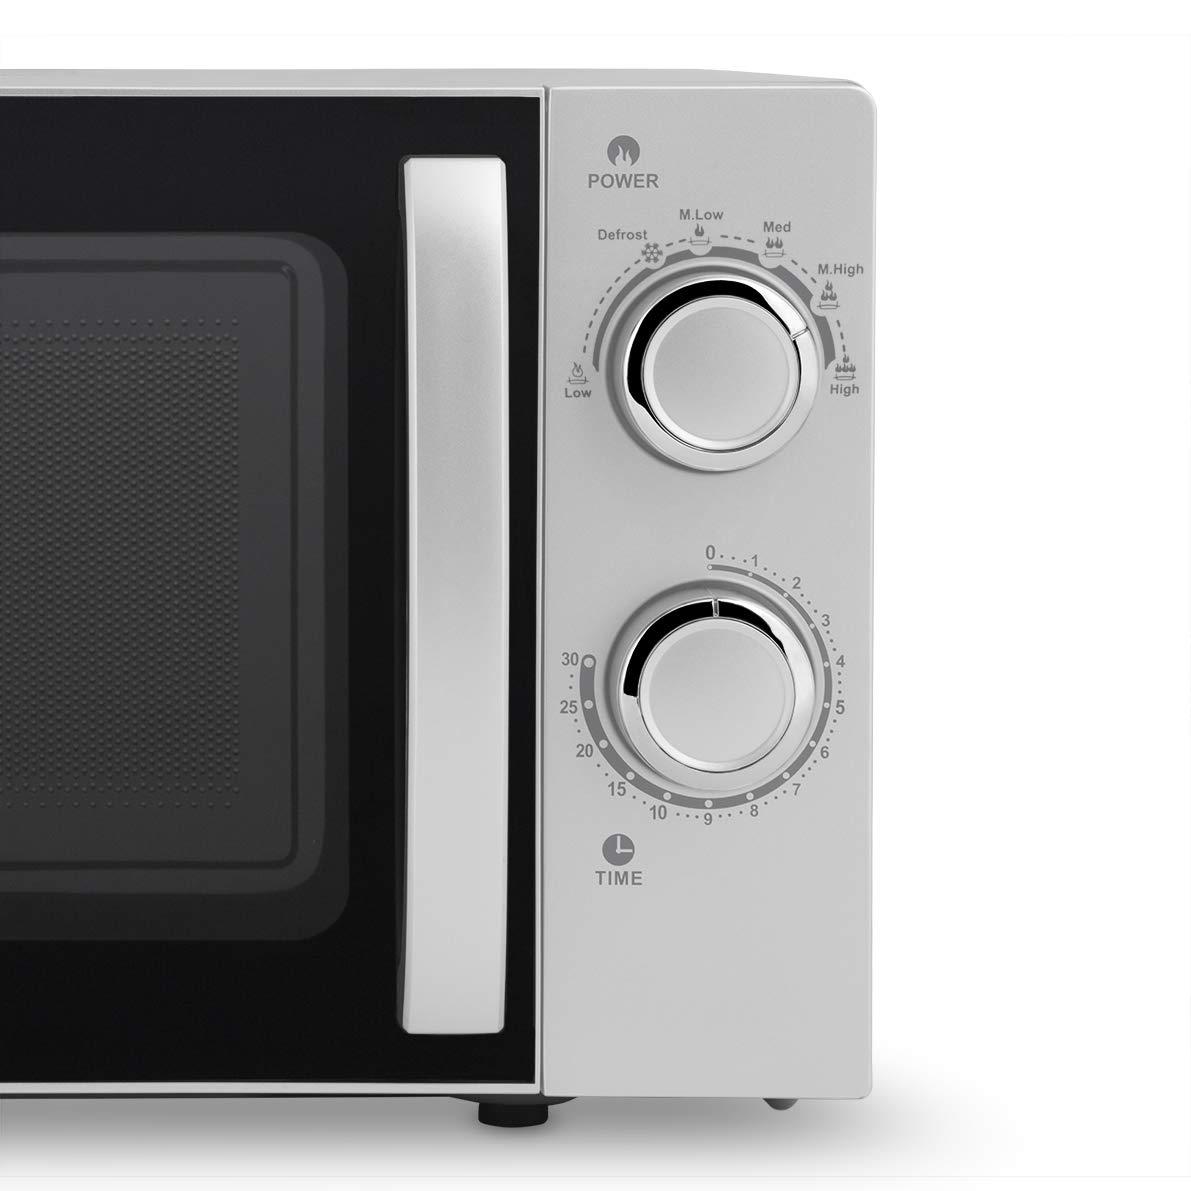 Orbegozo MI 2018 - Microondas sin grill (700 W de potencia, 20 L, 6 niveles de funcionamiento), color gris